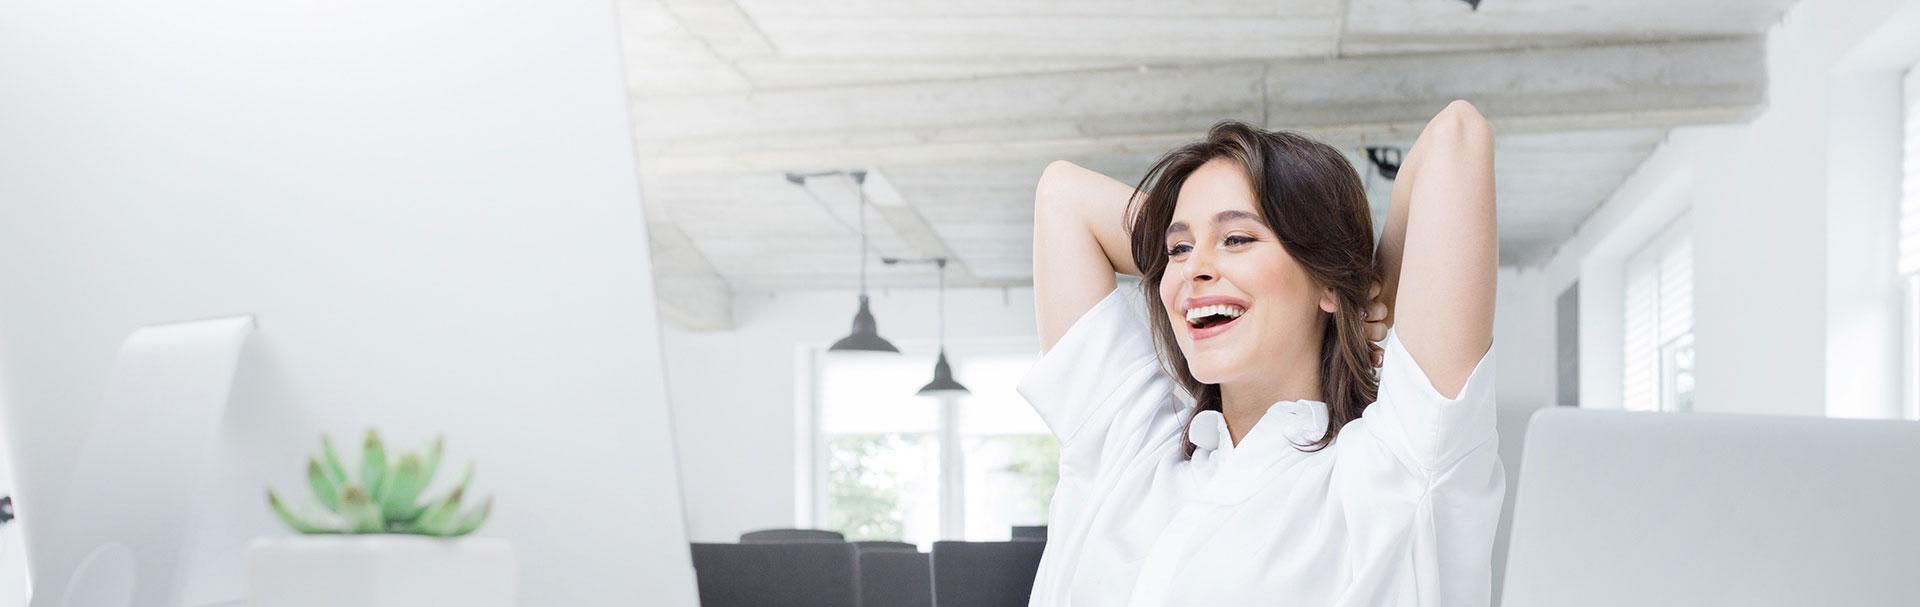 Girl facial website